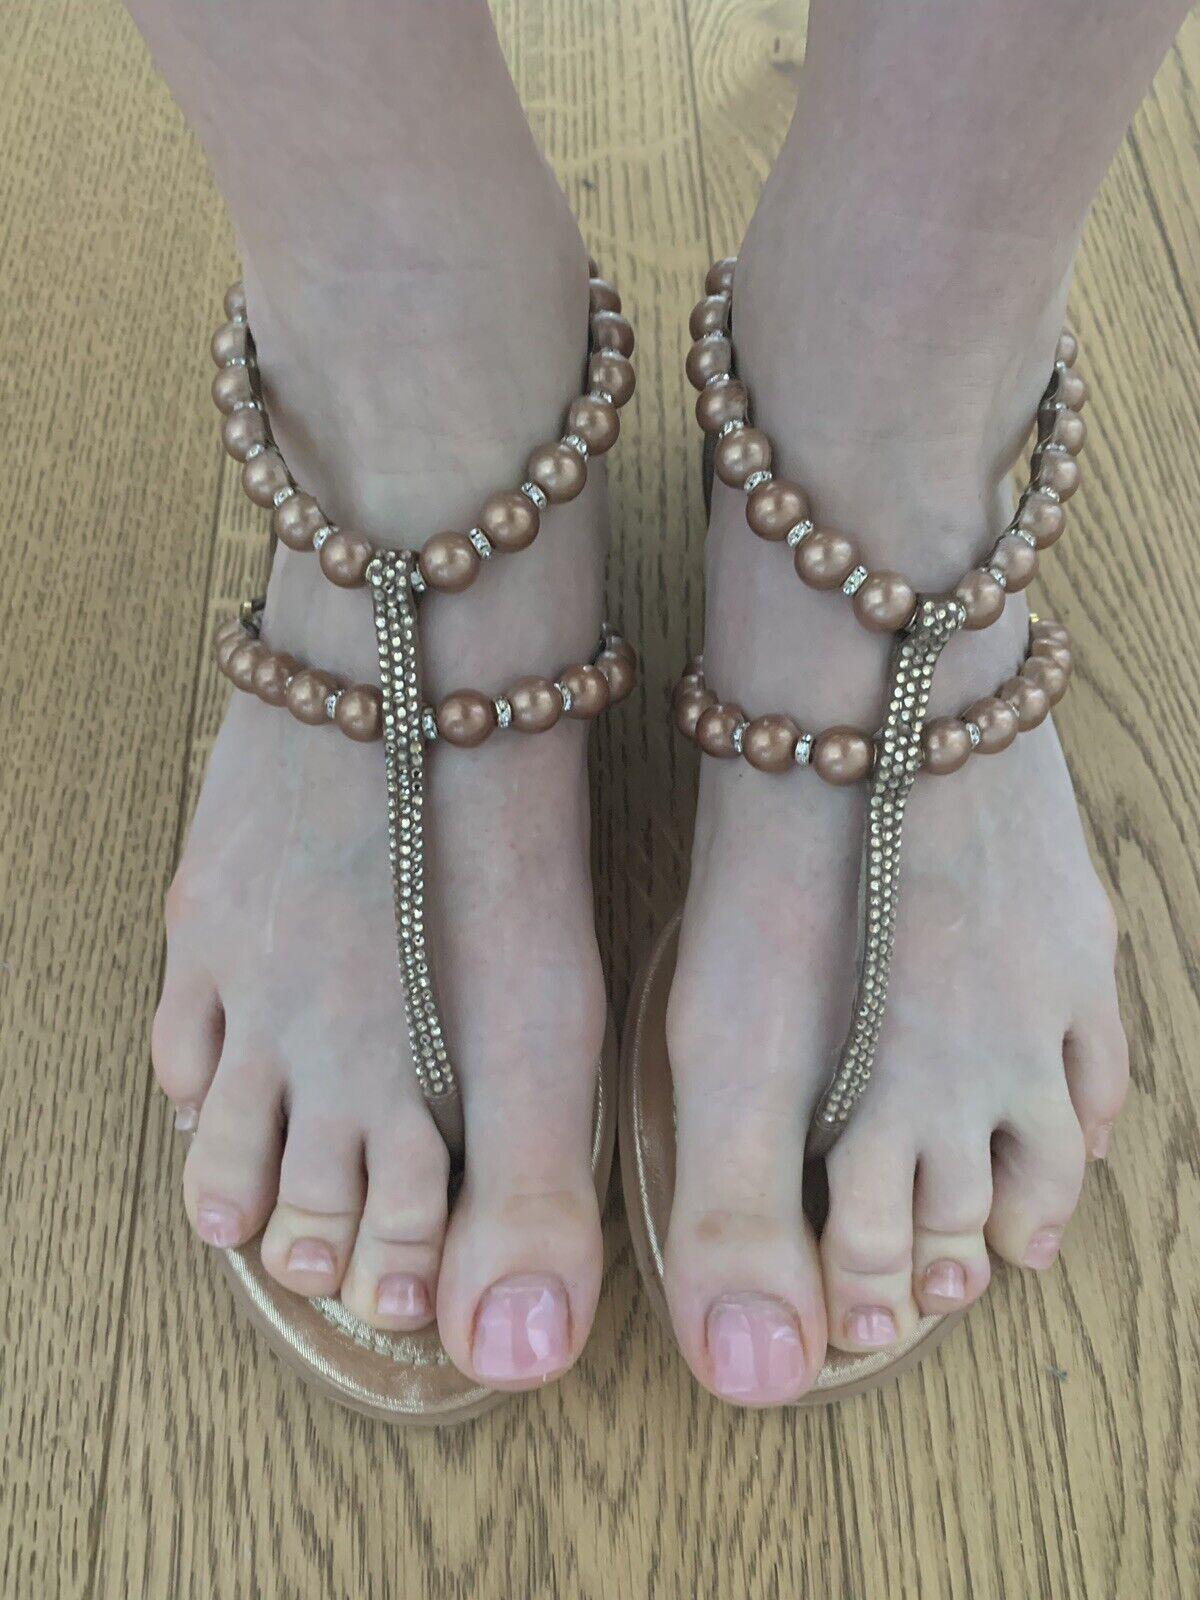 Ren Caovilla Venezia Sandals Flip Flop Bronze Pearl Swarovski NP  990  prendiamo i clienti come nostro dio